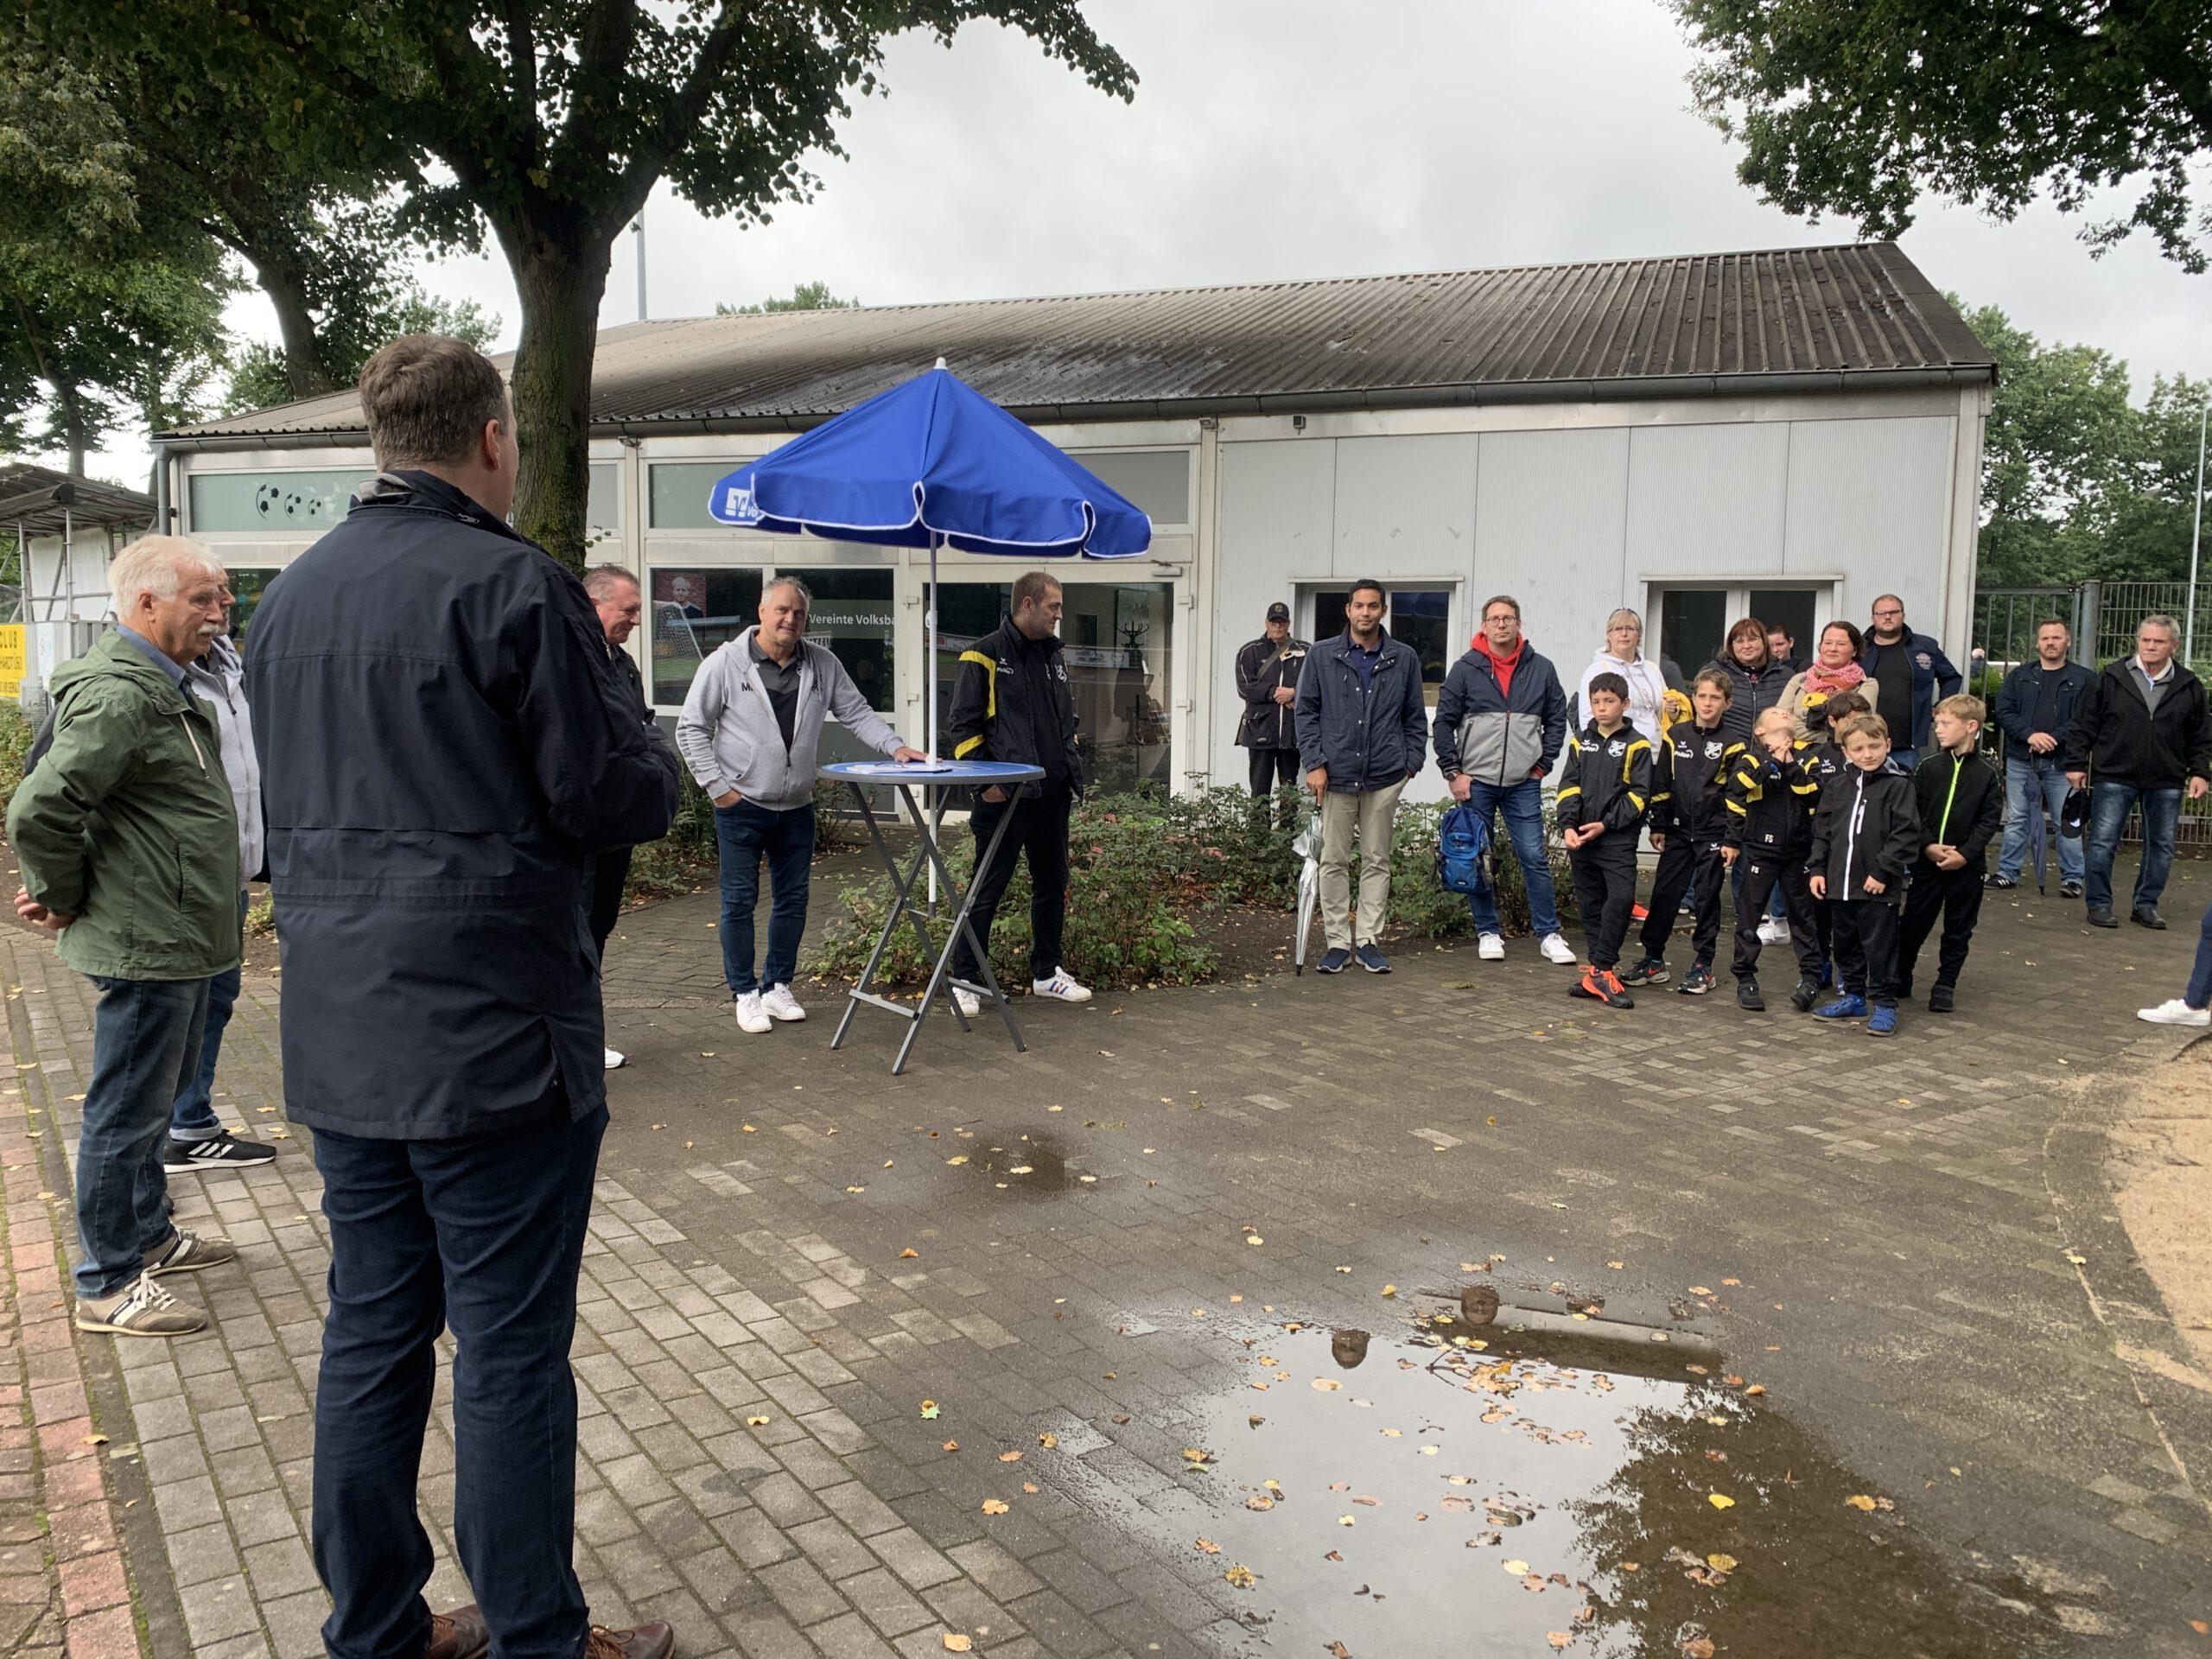 Eröffnung Spielgeräte SV Dorsten-Hardt 3